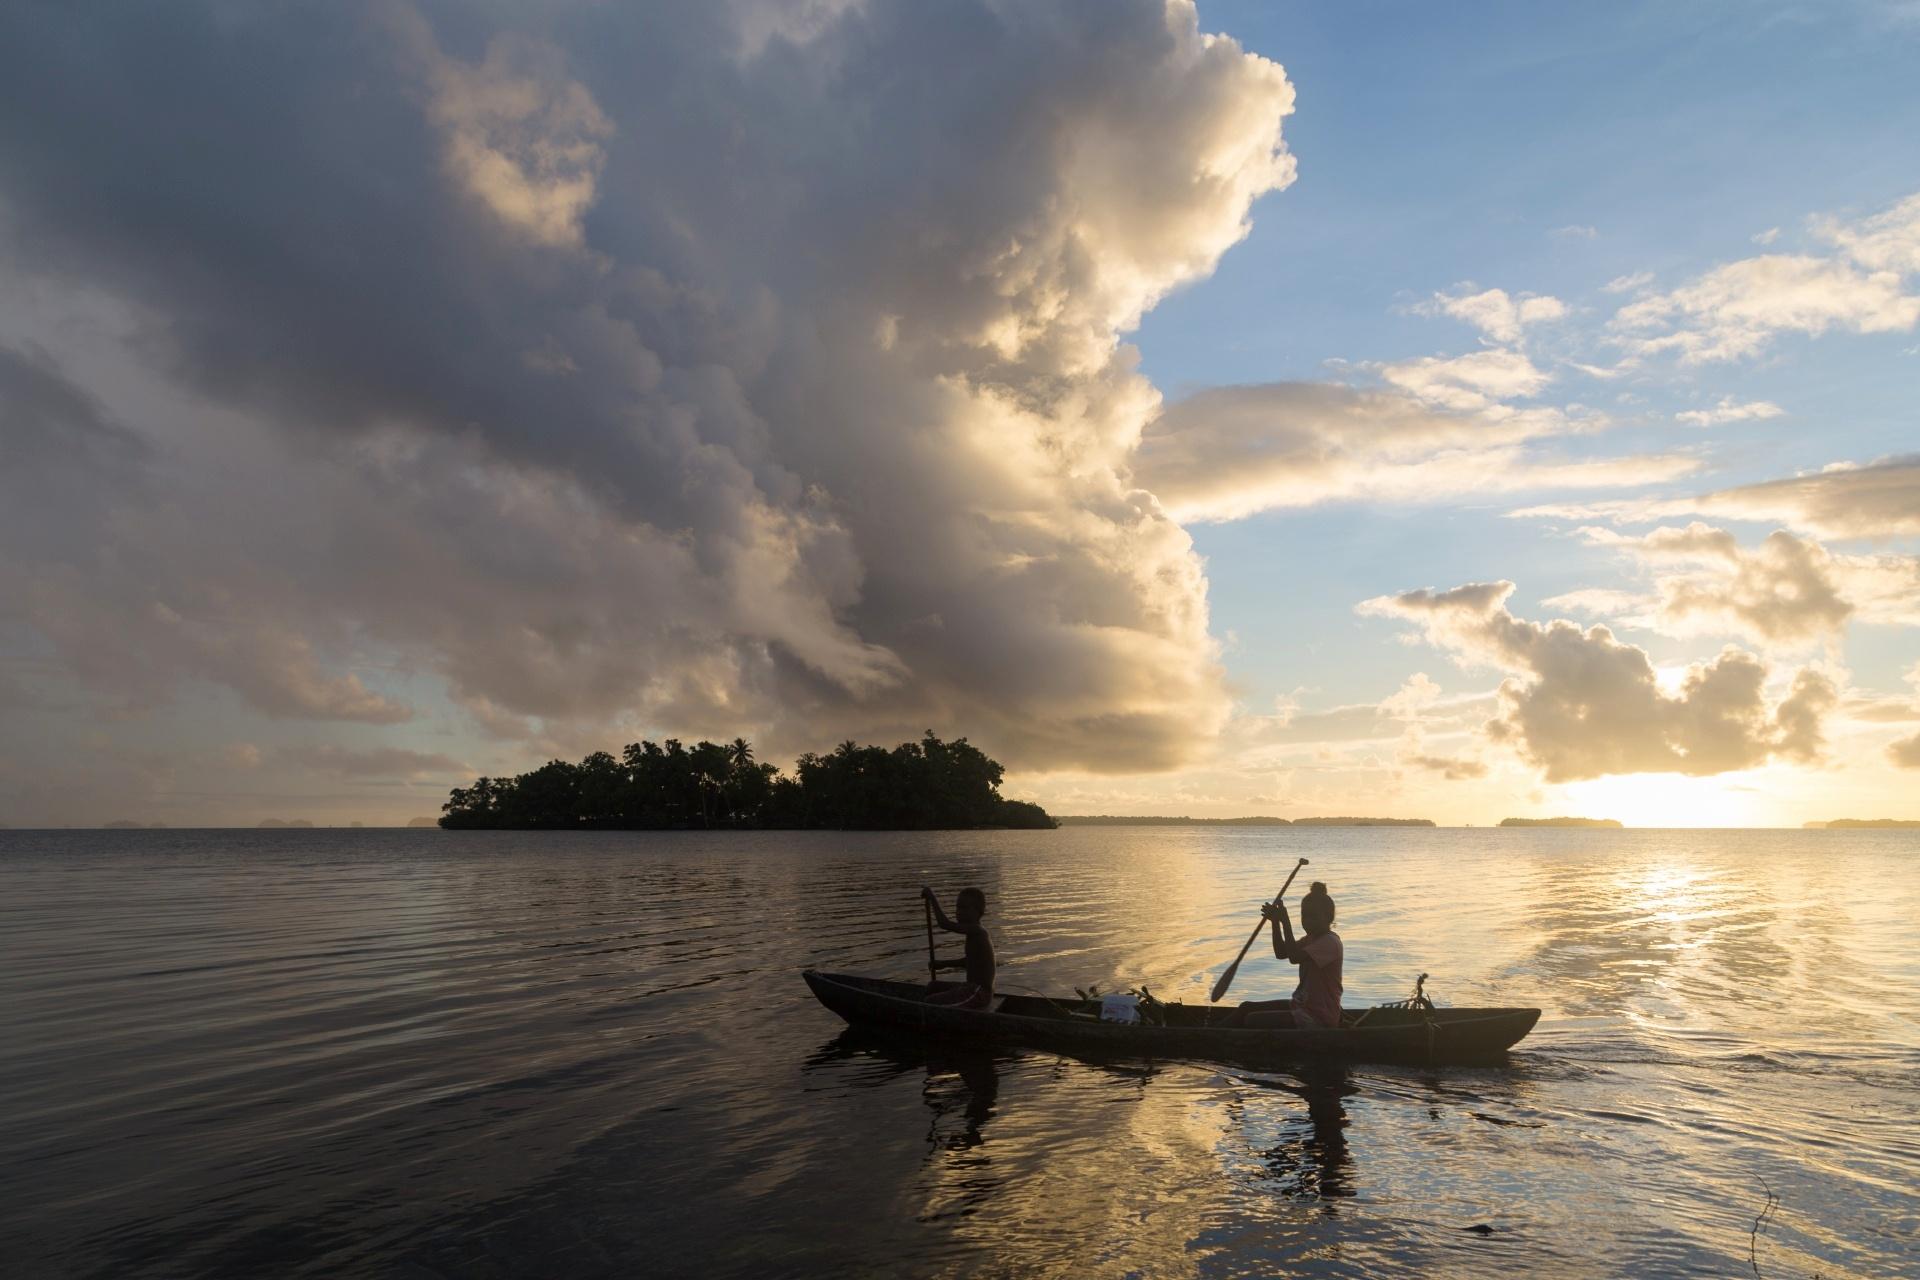 カヌーで通学する子供達 ソロモン諸島の風景